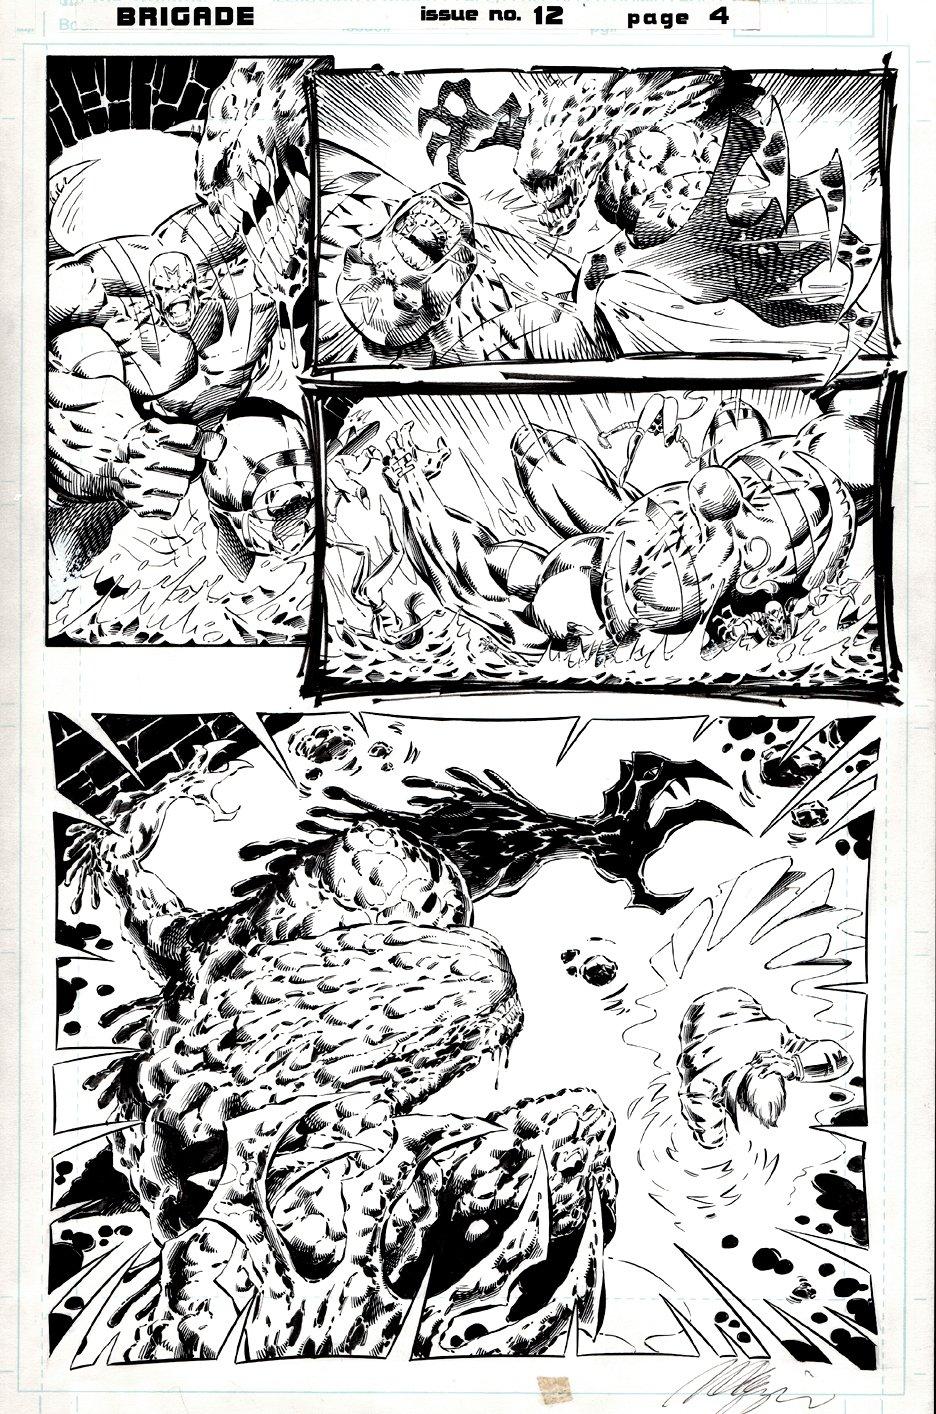 Brigade #12 p 4 (Great Brigade Battle Page!) 1994